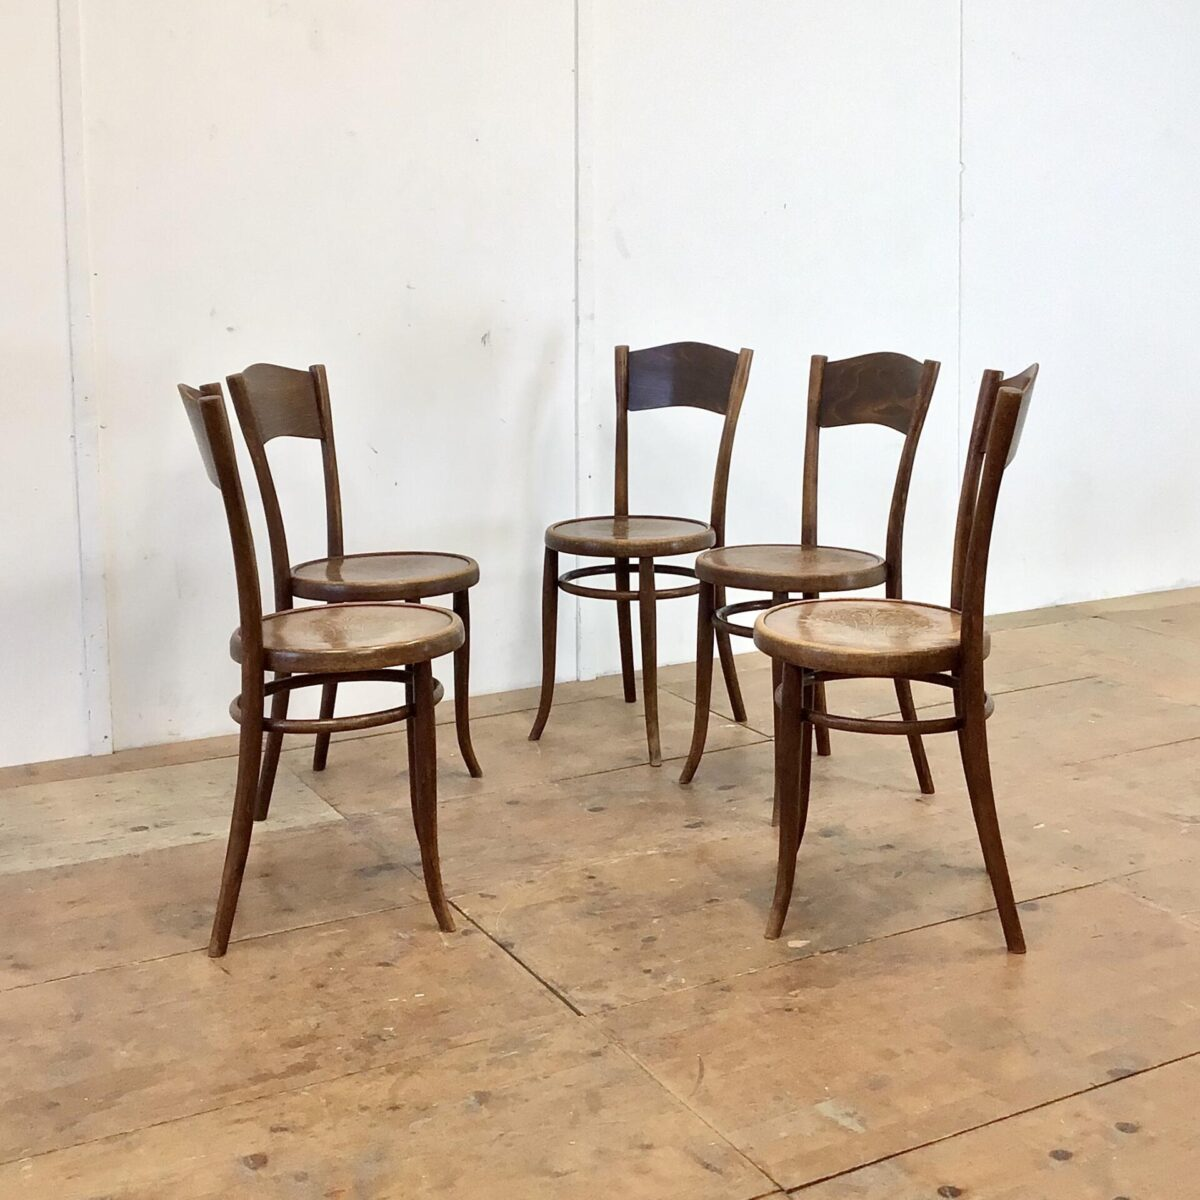 Deuxieme.shop Bugholz Stühle Esszimmer Stühle Beizenstühle 5er Set Albert Stoll Kaffeehausstühle. Sitzhöhe 48cm. Diese Bistrostühle, mit den Pflanzenmuster, sind restauriert. Vorderbeine wo nötig neu eingeleimt. Zwei furnier Ausbrüche, auf der Hinterseite der Rückenlehne, frisch eingesetzt. Zwei der lehnen unterscheiden sich etwas von den anderen, eine in der Form die andere im Muster. Kastanienbraune Alterspatina.